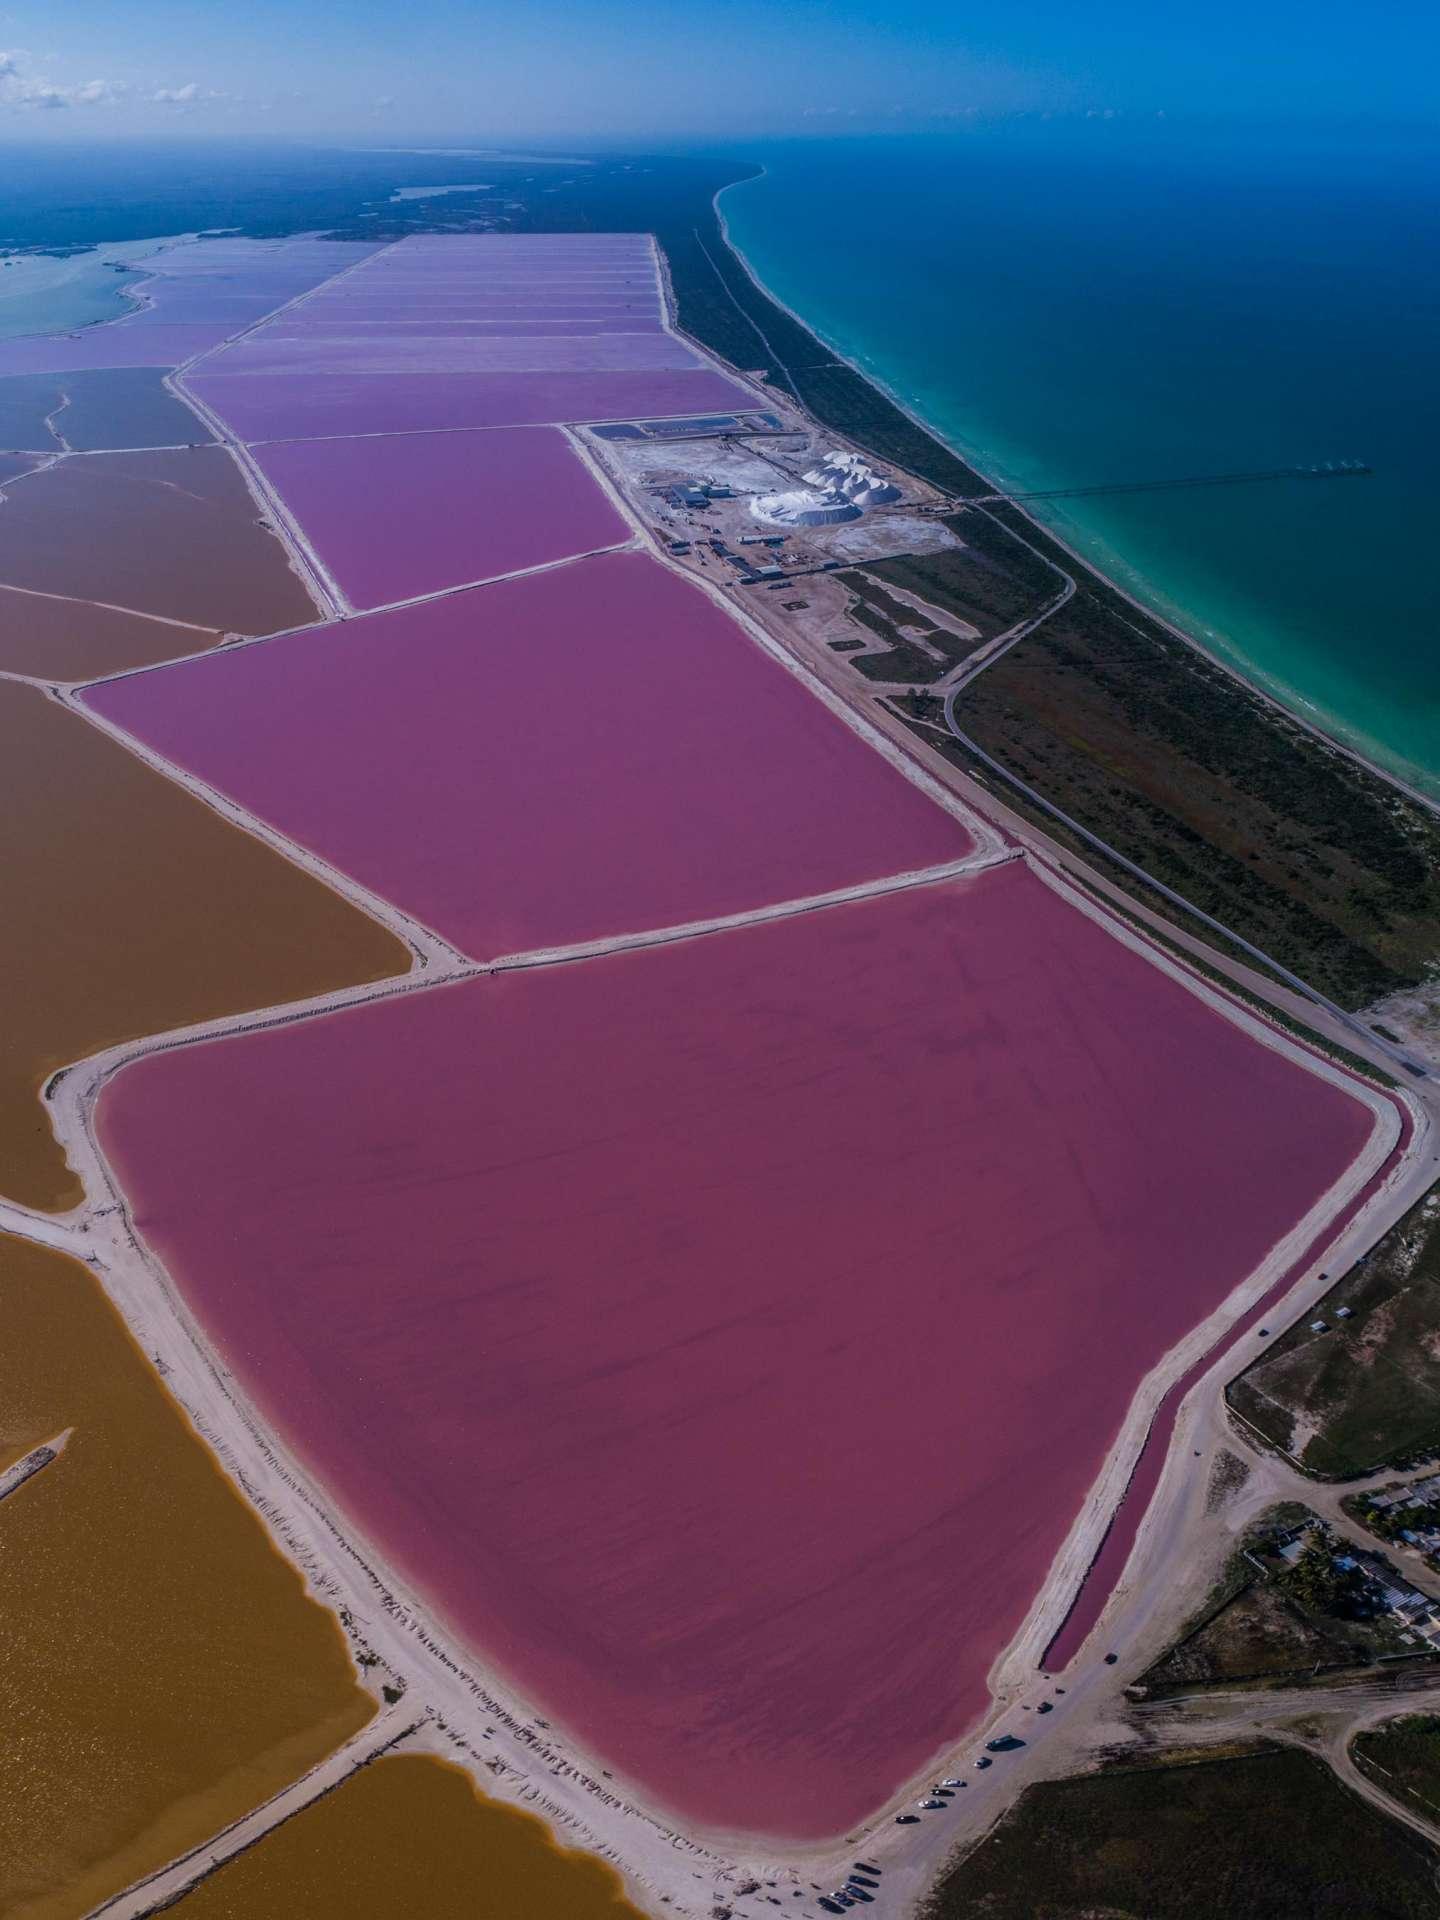 Pink lagoons Las Coloradas Yucatan Mexico Aerial View by drone Enrico Pescantini 5